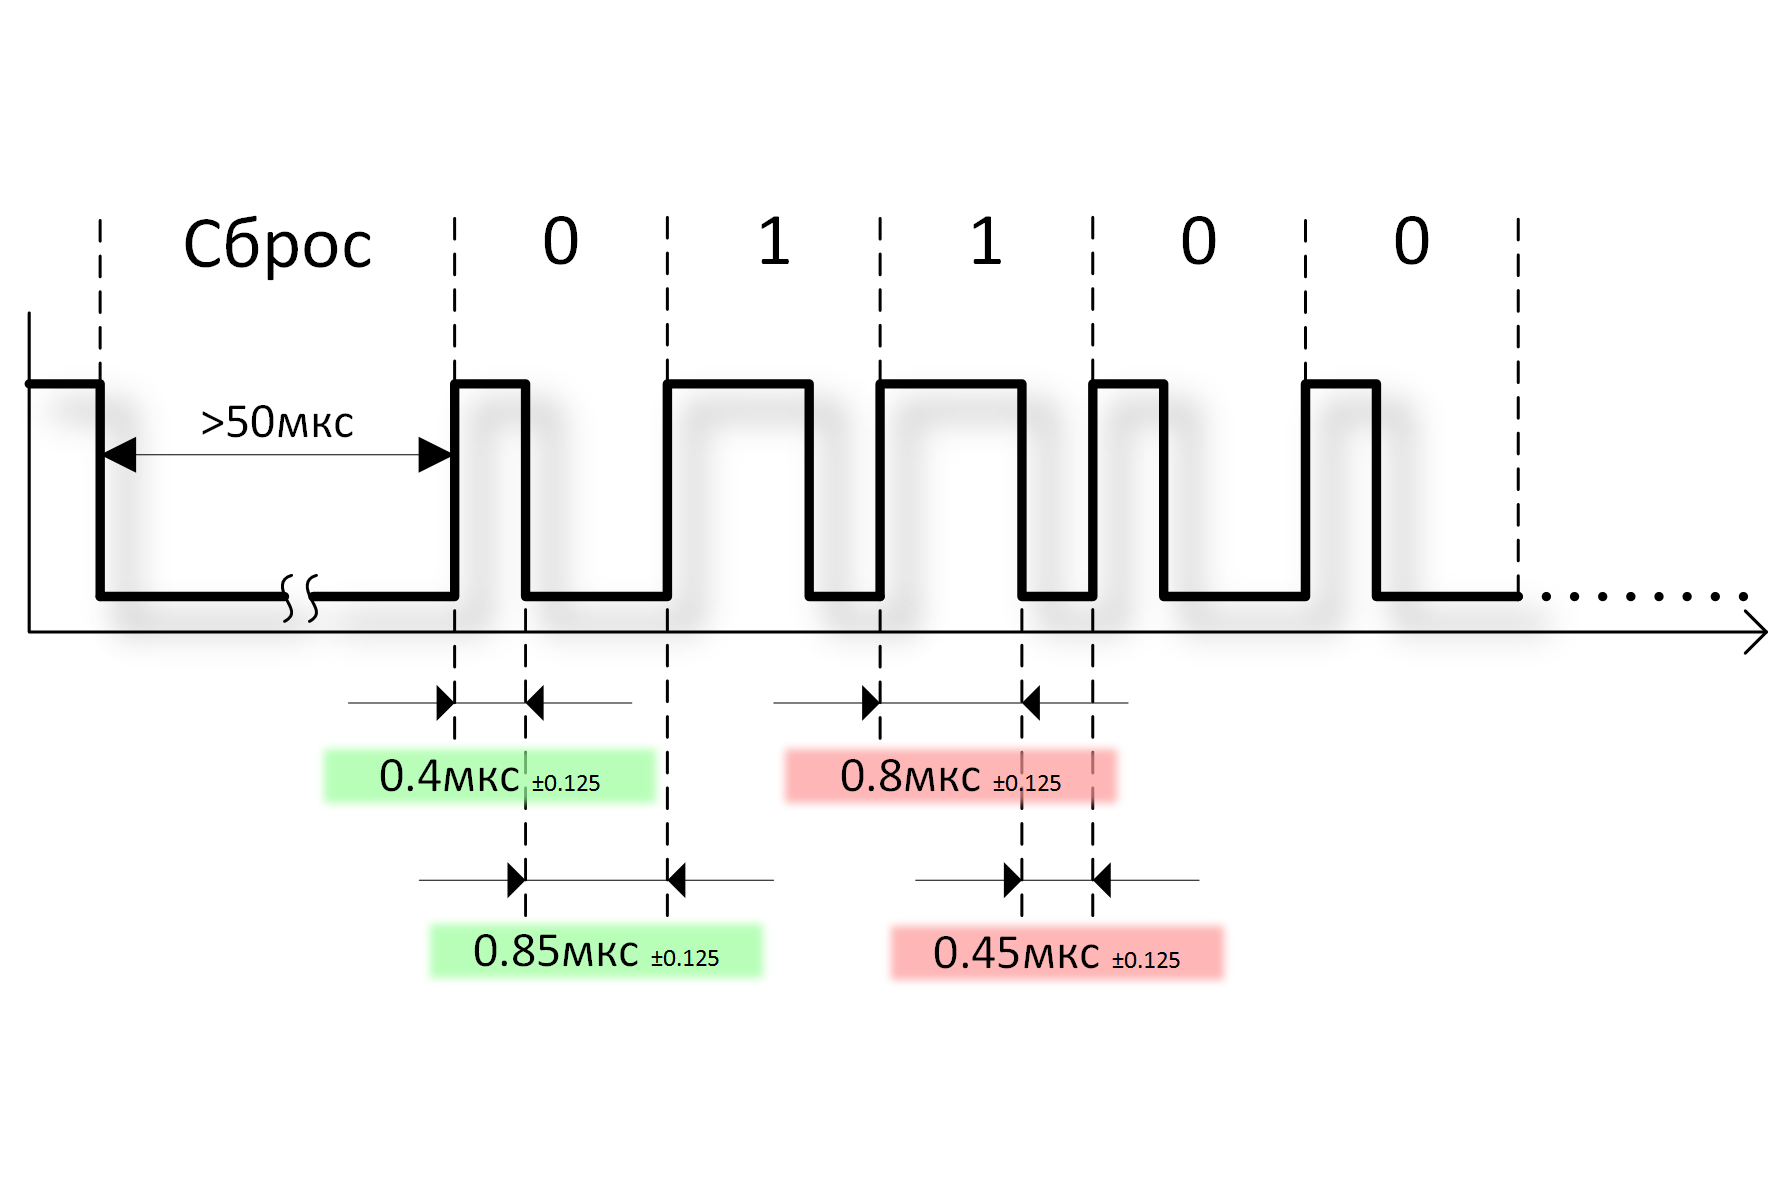 Протокол WS2812B на STM32 без пустых циклов и прерываний. И как сделать правильную радугу / Geektimes